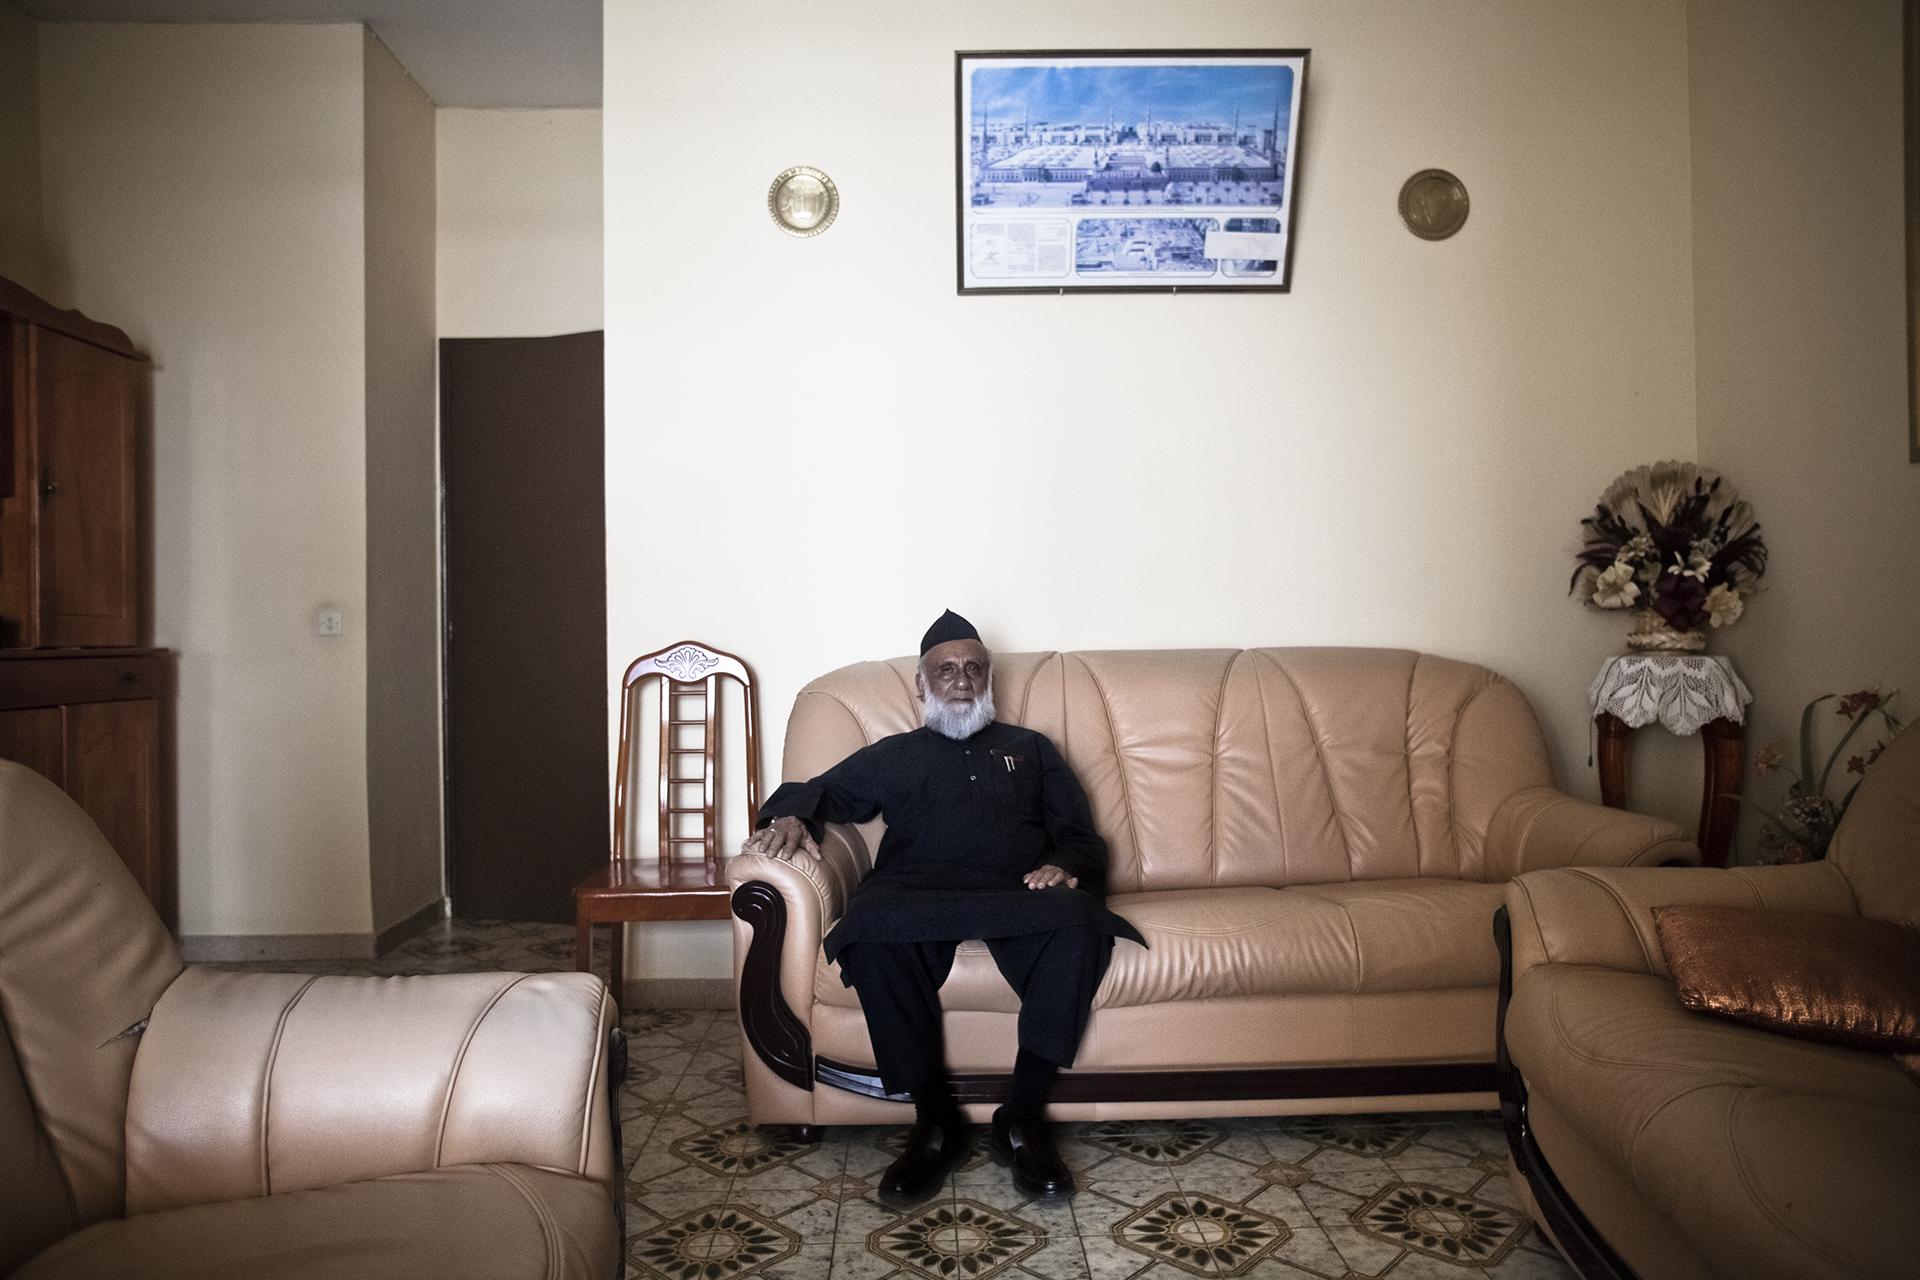 Tampon, Ile de la Réunion. Novembre 2012.Portrait de M. Gangat à son domicile. M. Gangat est né en Inde dans la province du Gujarat et est arrivé à la Réunion avec sa famille à l'âge de 2 ans en 1939. La famille de M. Gangate a toujours travaillé dans le domaine du commerce et c'est une des grandes familles indo-musulmane du sud de l'île.